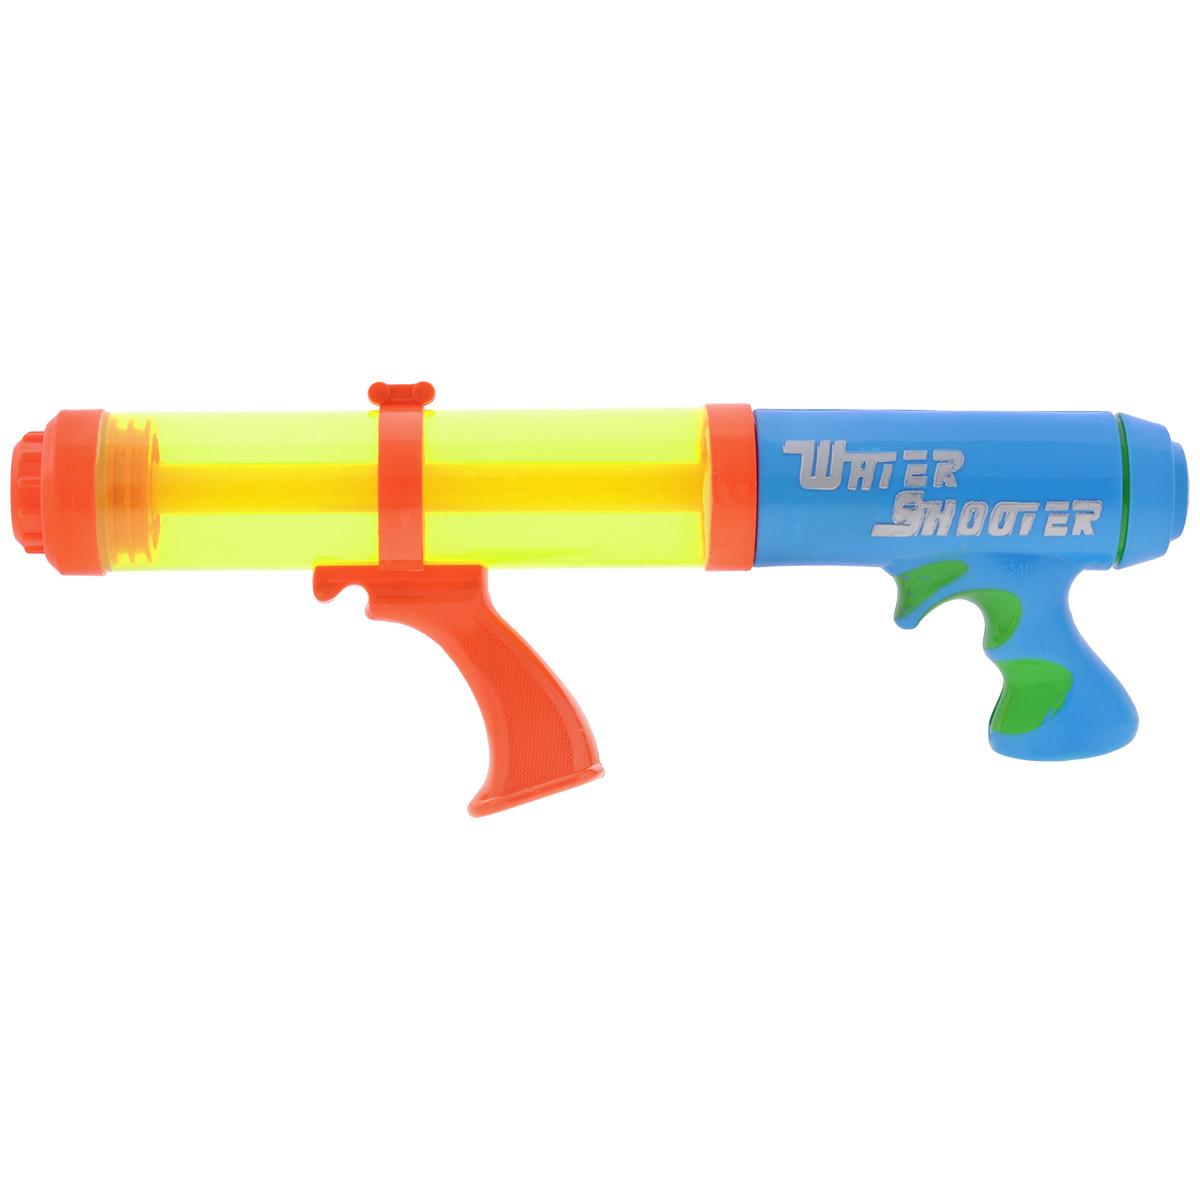 Игрушечное оружие Bebelot - каталог цен, где купить в интернет ...